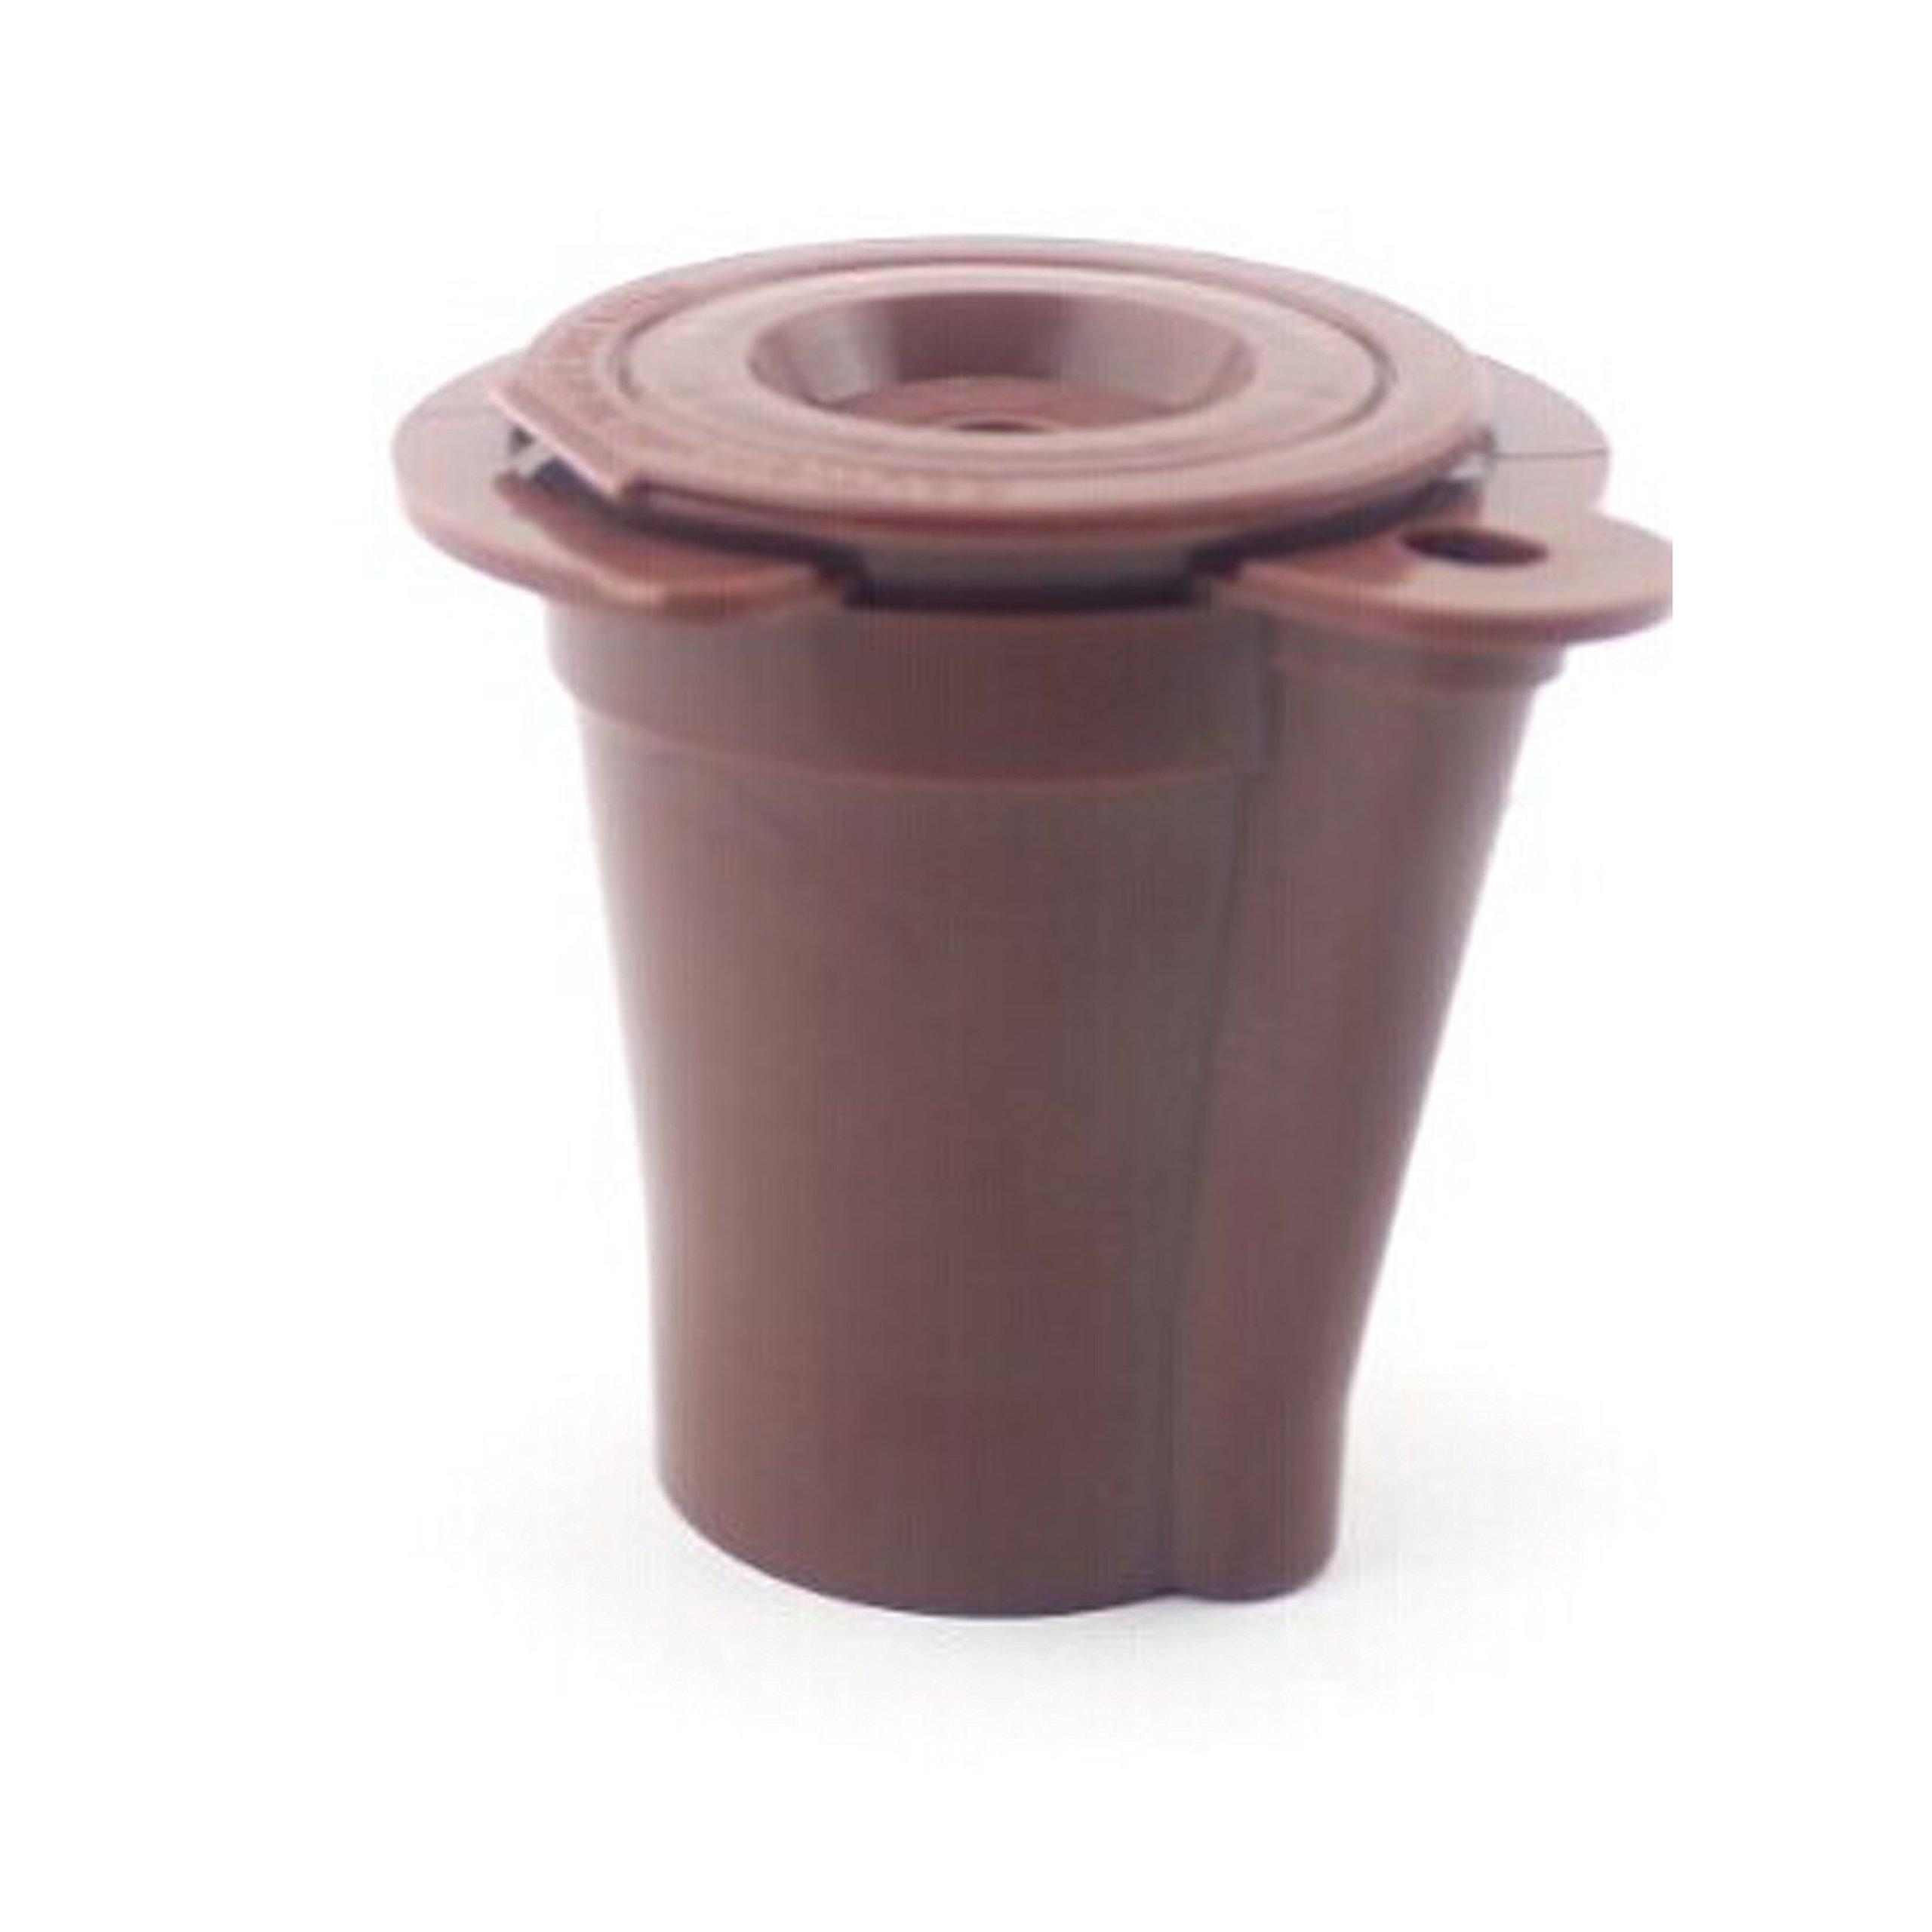 Kooking Cup for Keurig VUE Brewers Reusable Coffee Filter Works In All Keurig Machine